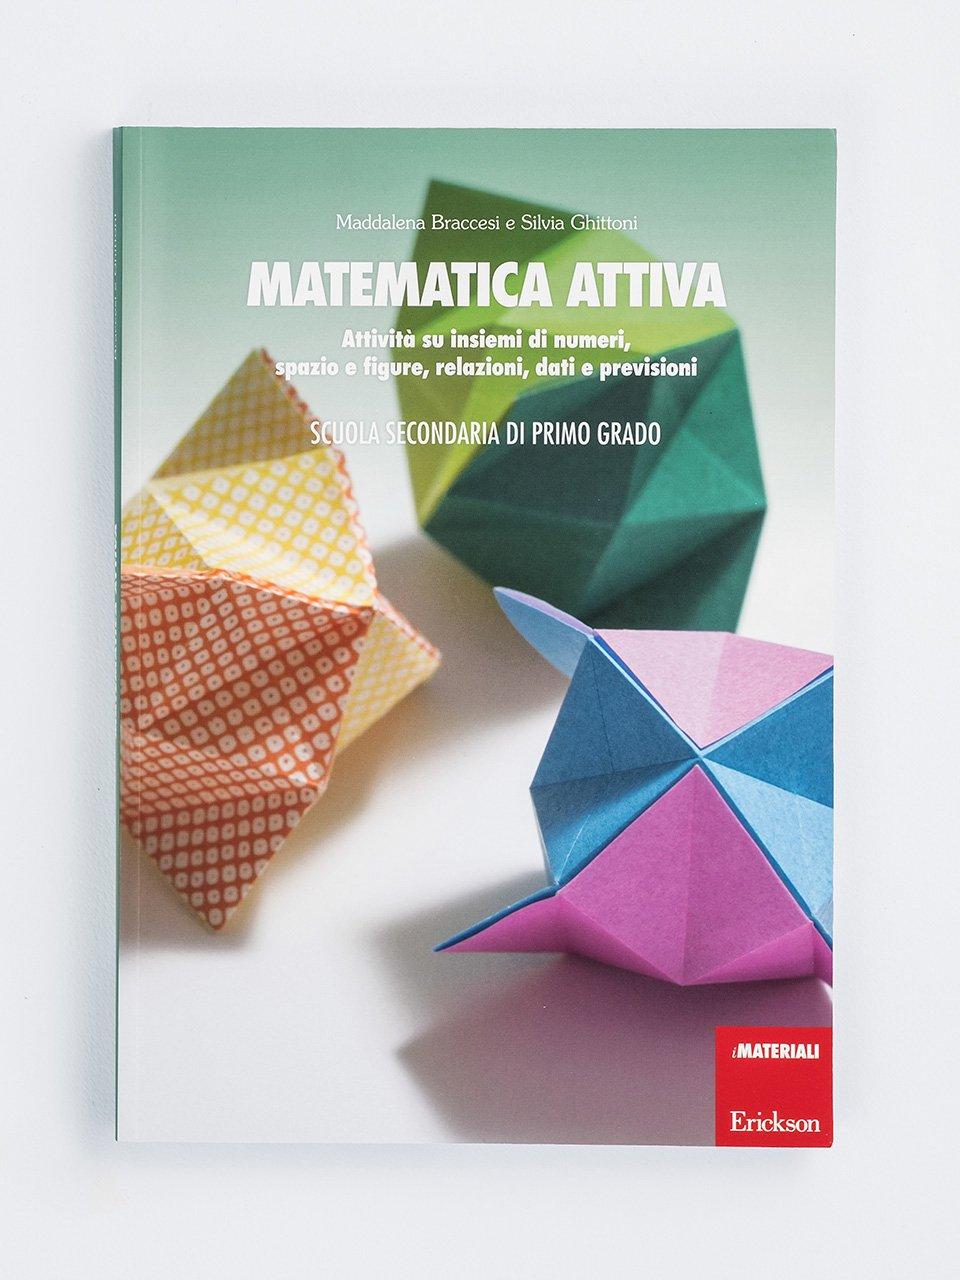 Matematica attiva - Imparo a fare i Lapbook. Aprendo...Apprendo!® - Co - Formazione - Erickson